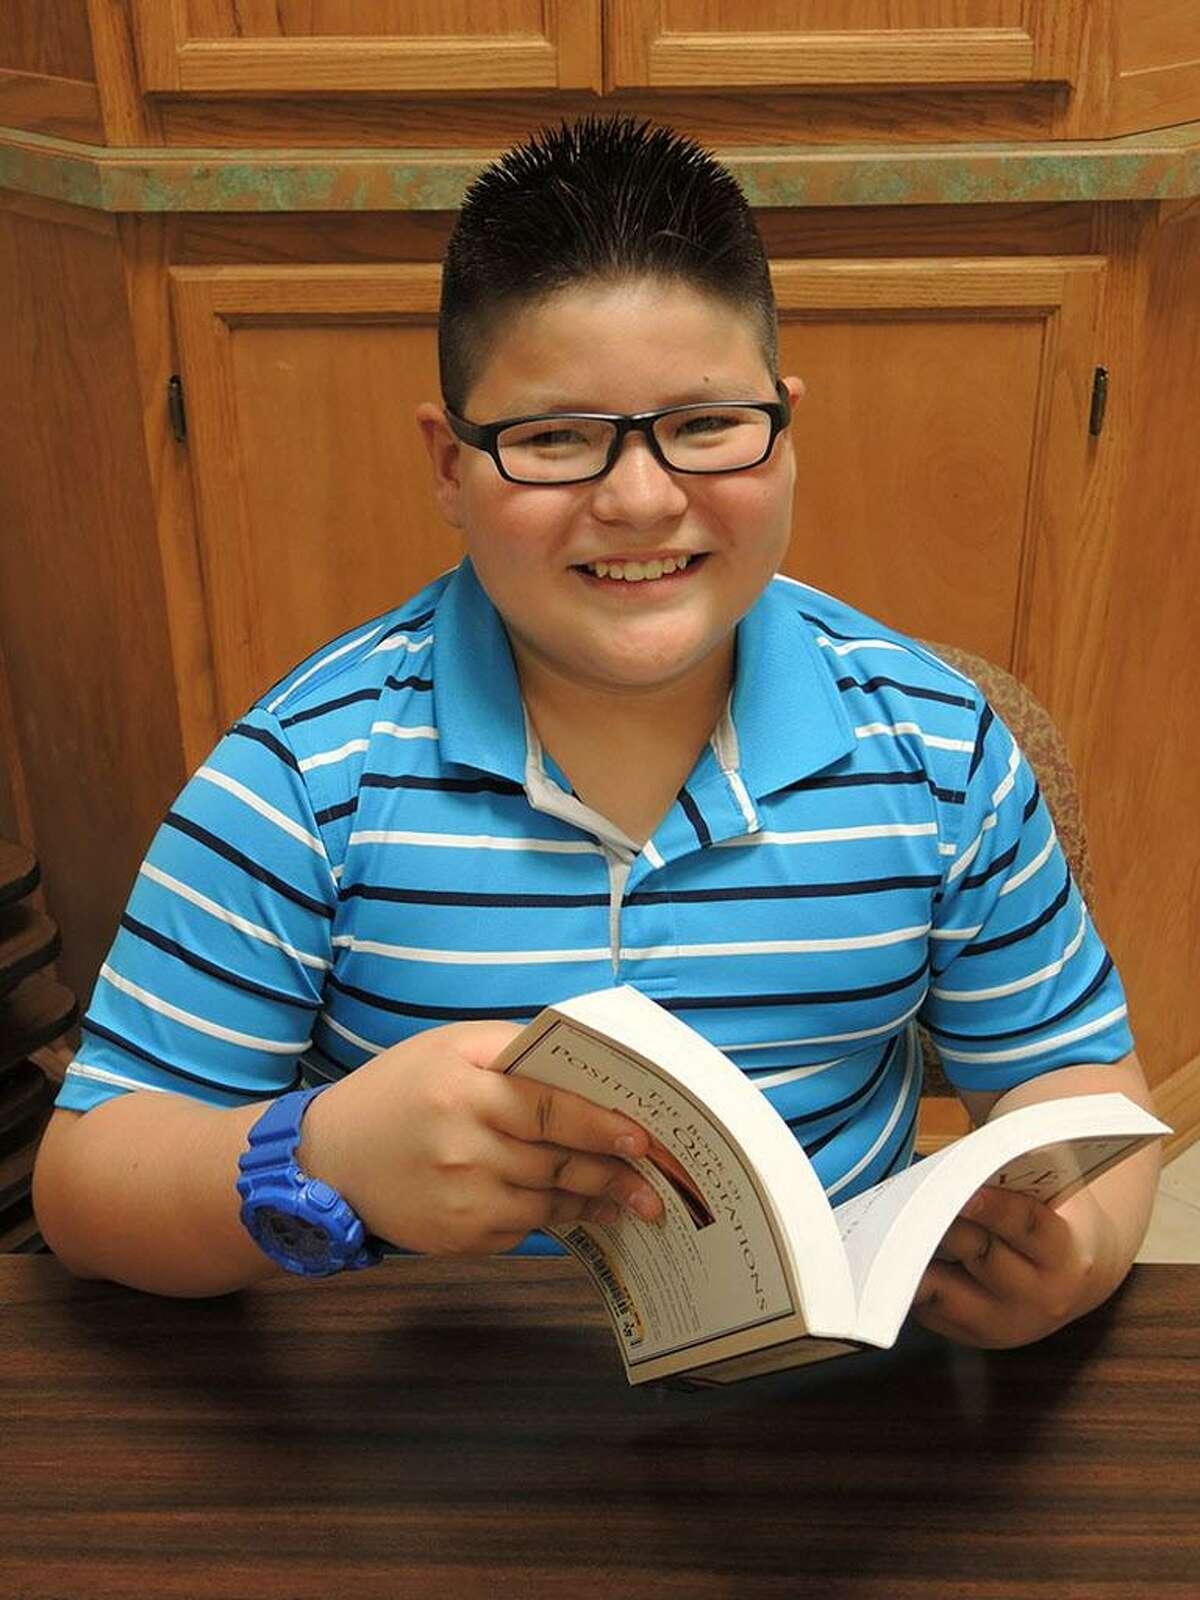 Isidro Mercado, a 4th grade student, enjoys reading a good book.